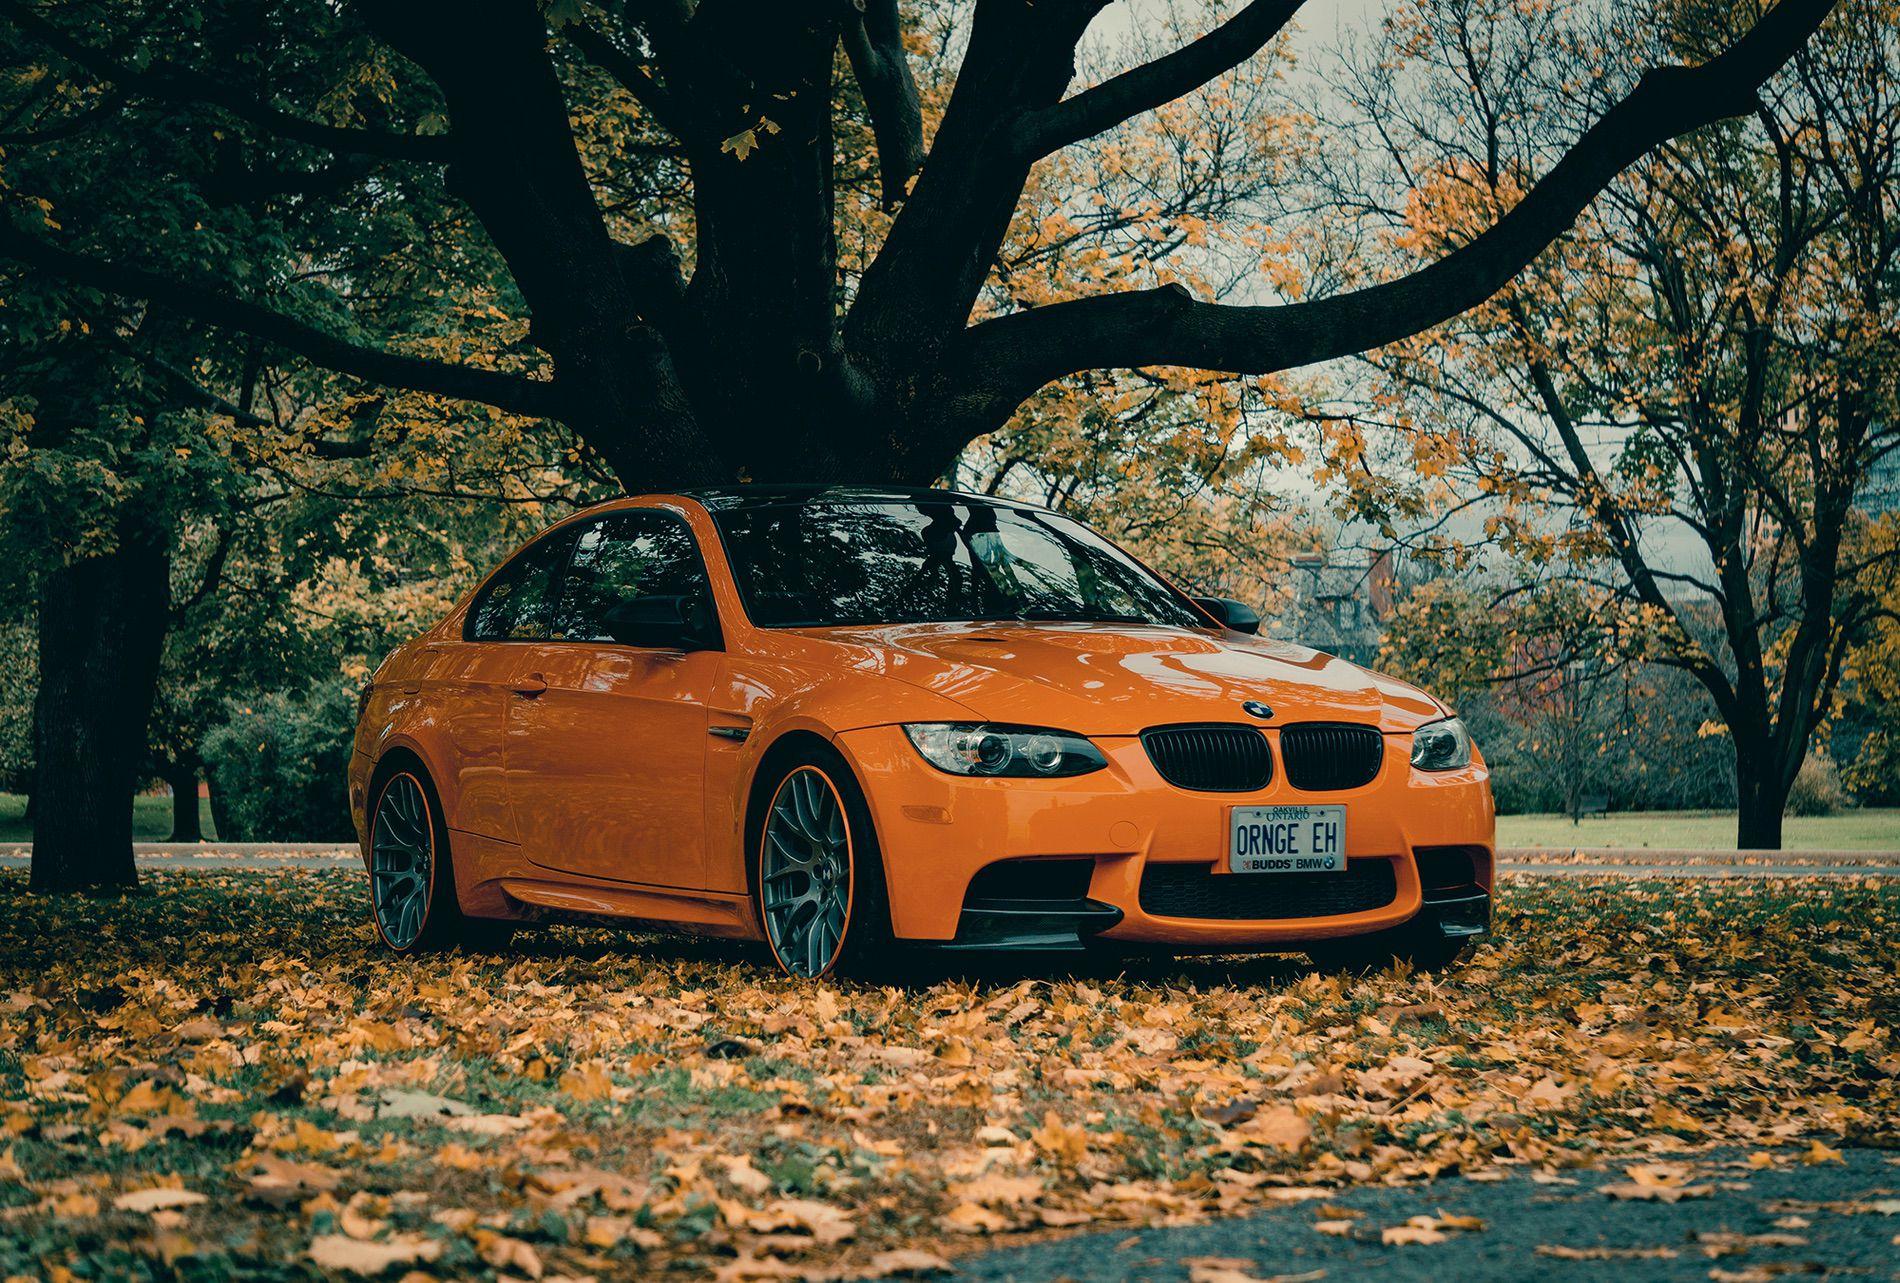 Fire Orange E92 M3 12